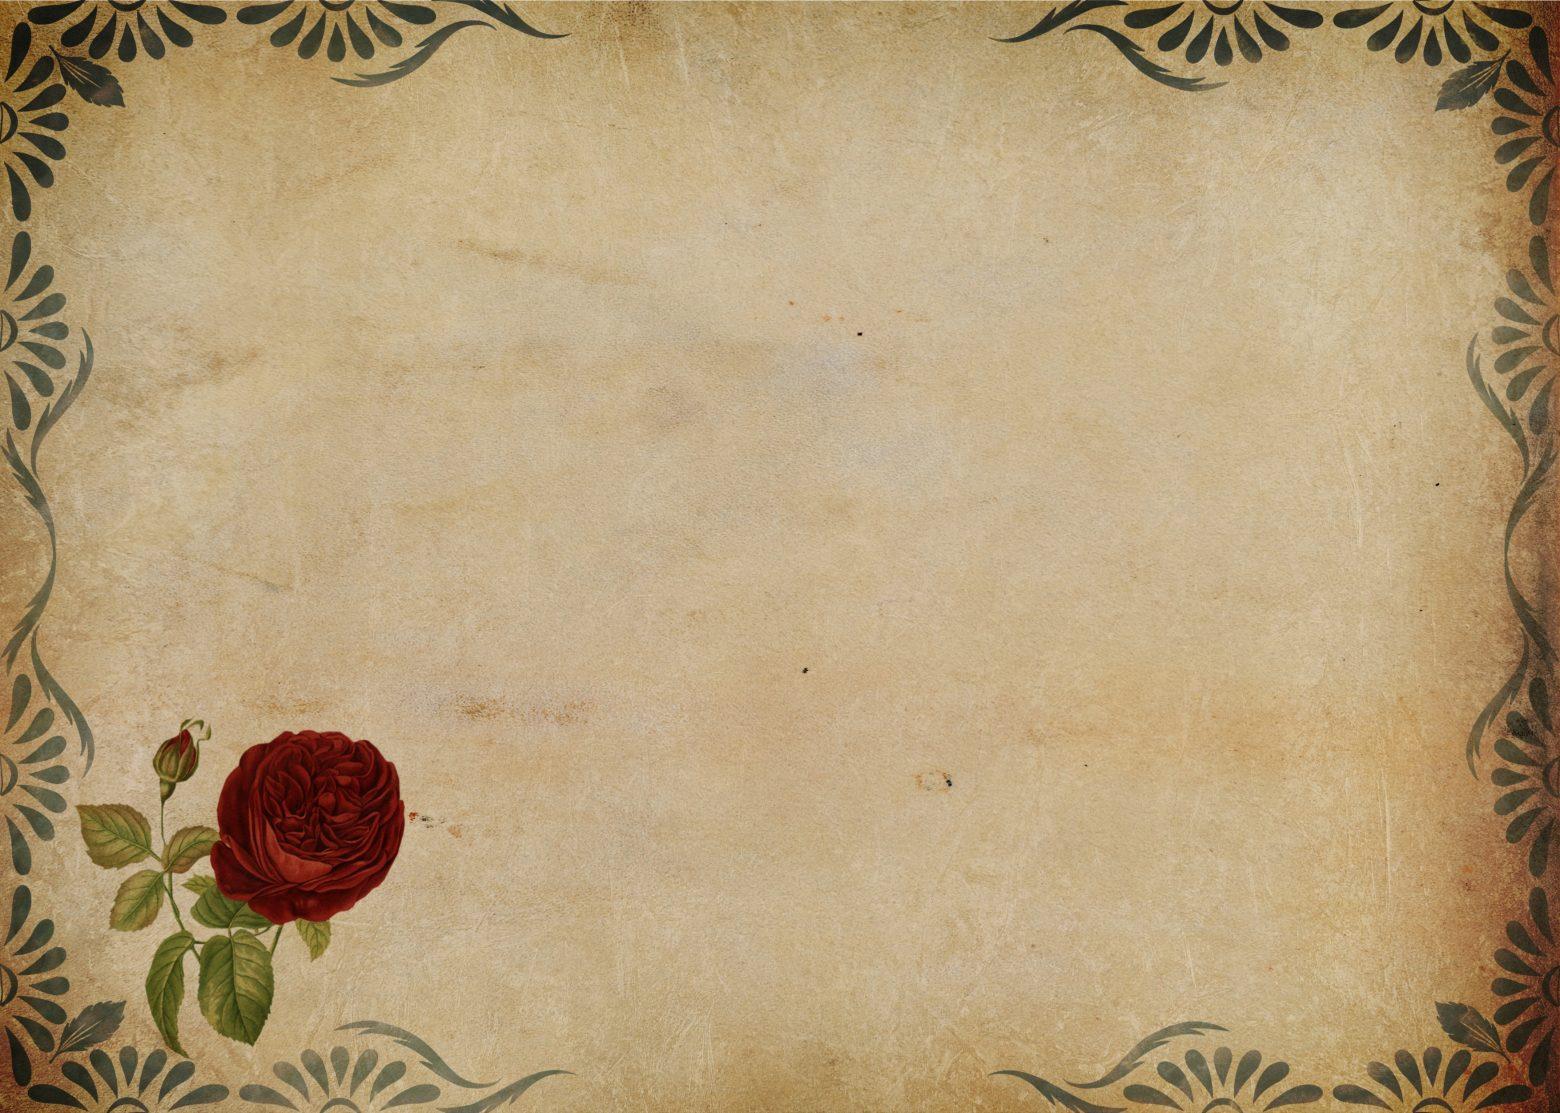 rose-2817134